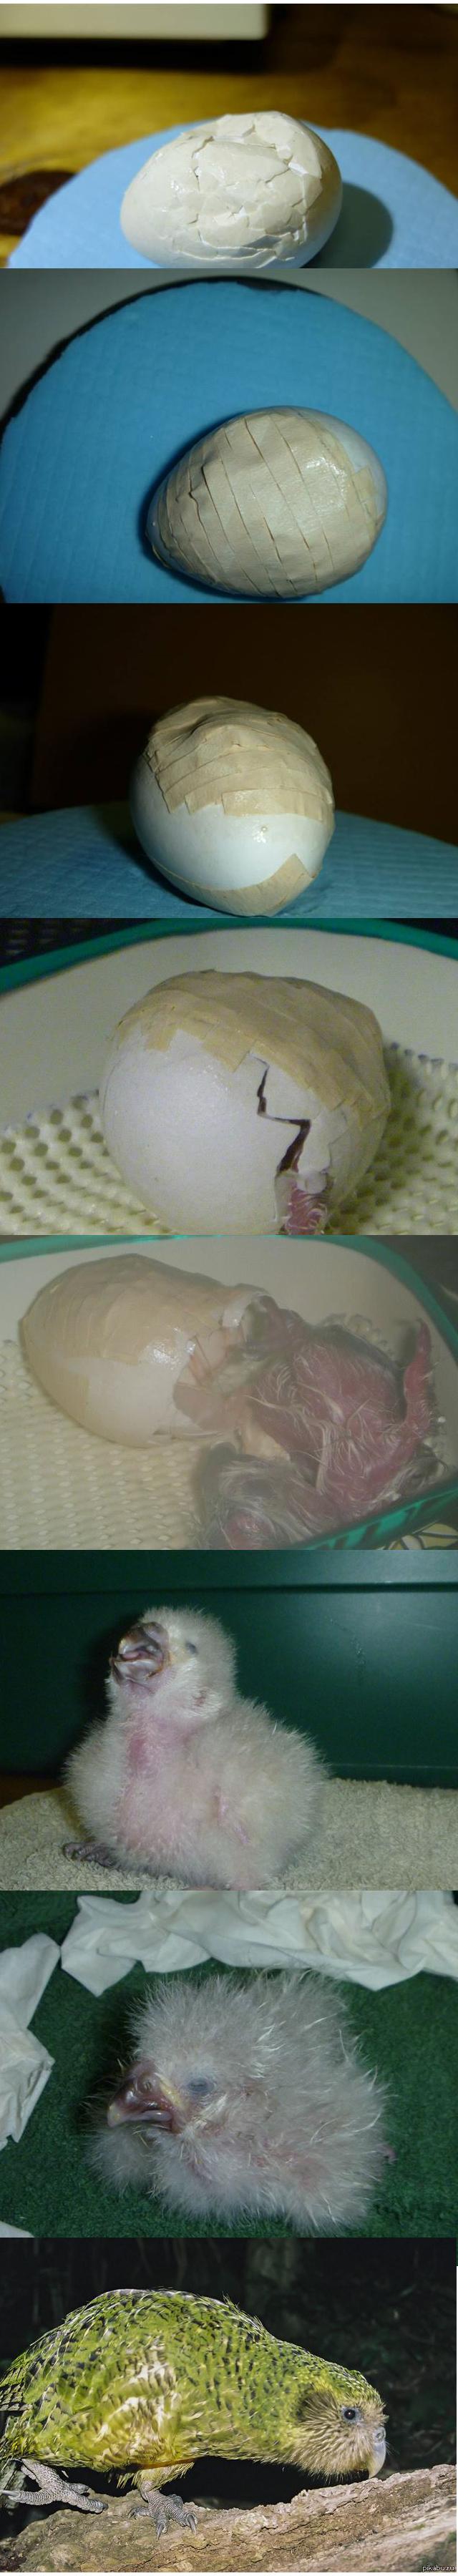 Раздавила яйца парню 13 фотография